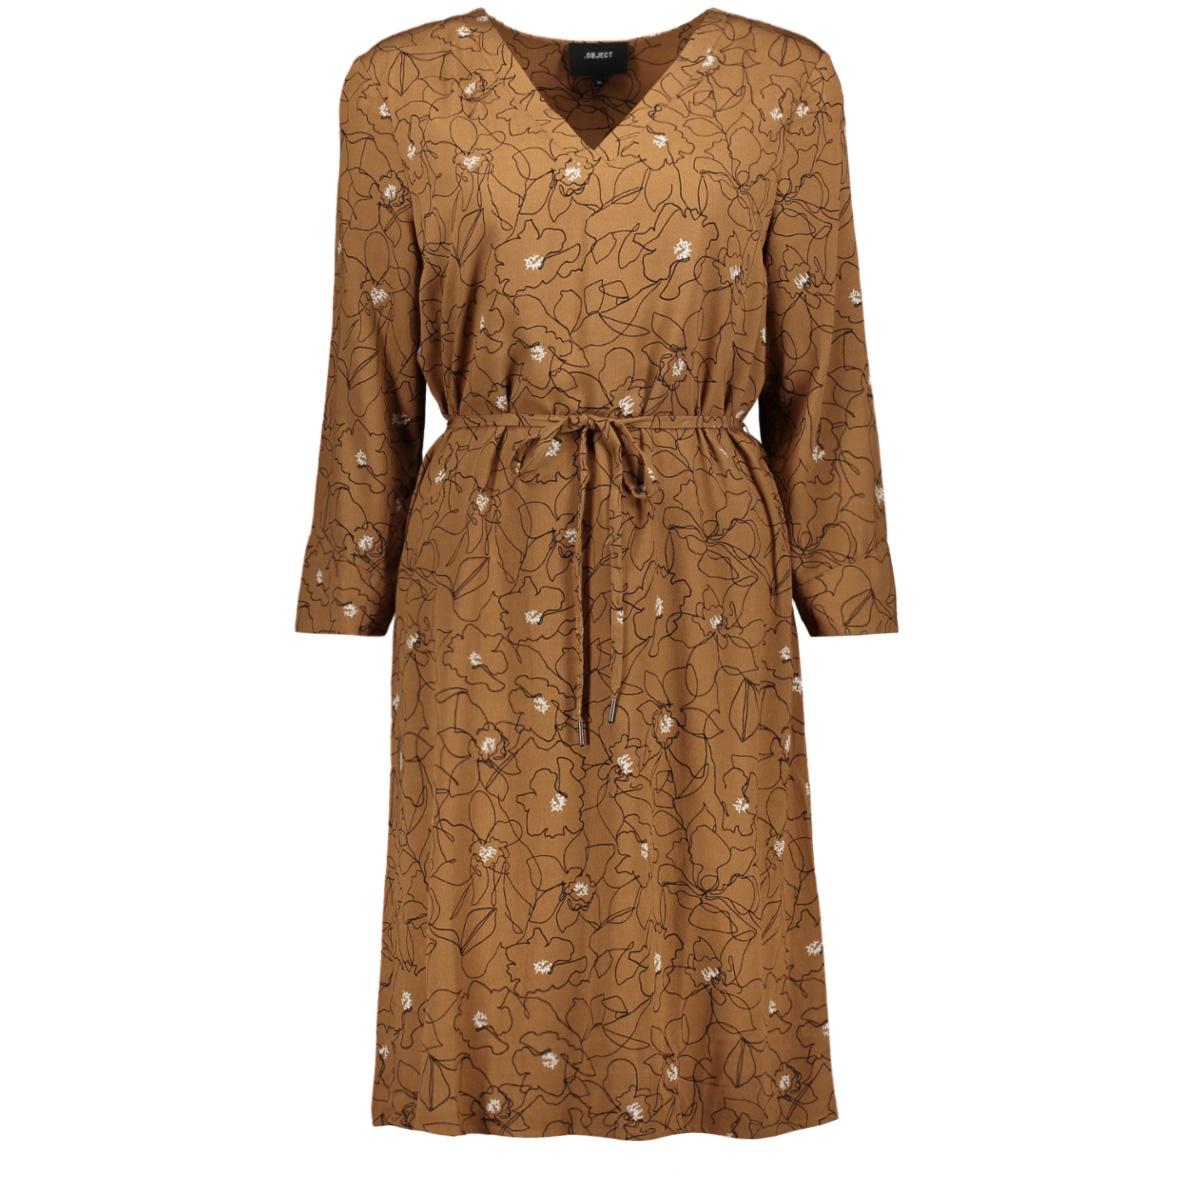 objbay 3/4 dress aop seasonal 23029368 object jurk chipmunk/graphic fl